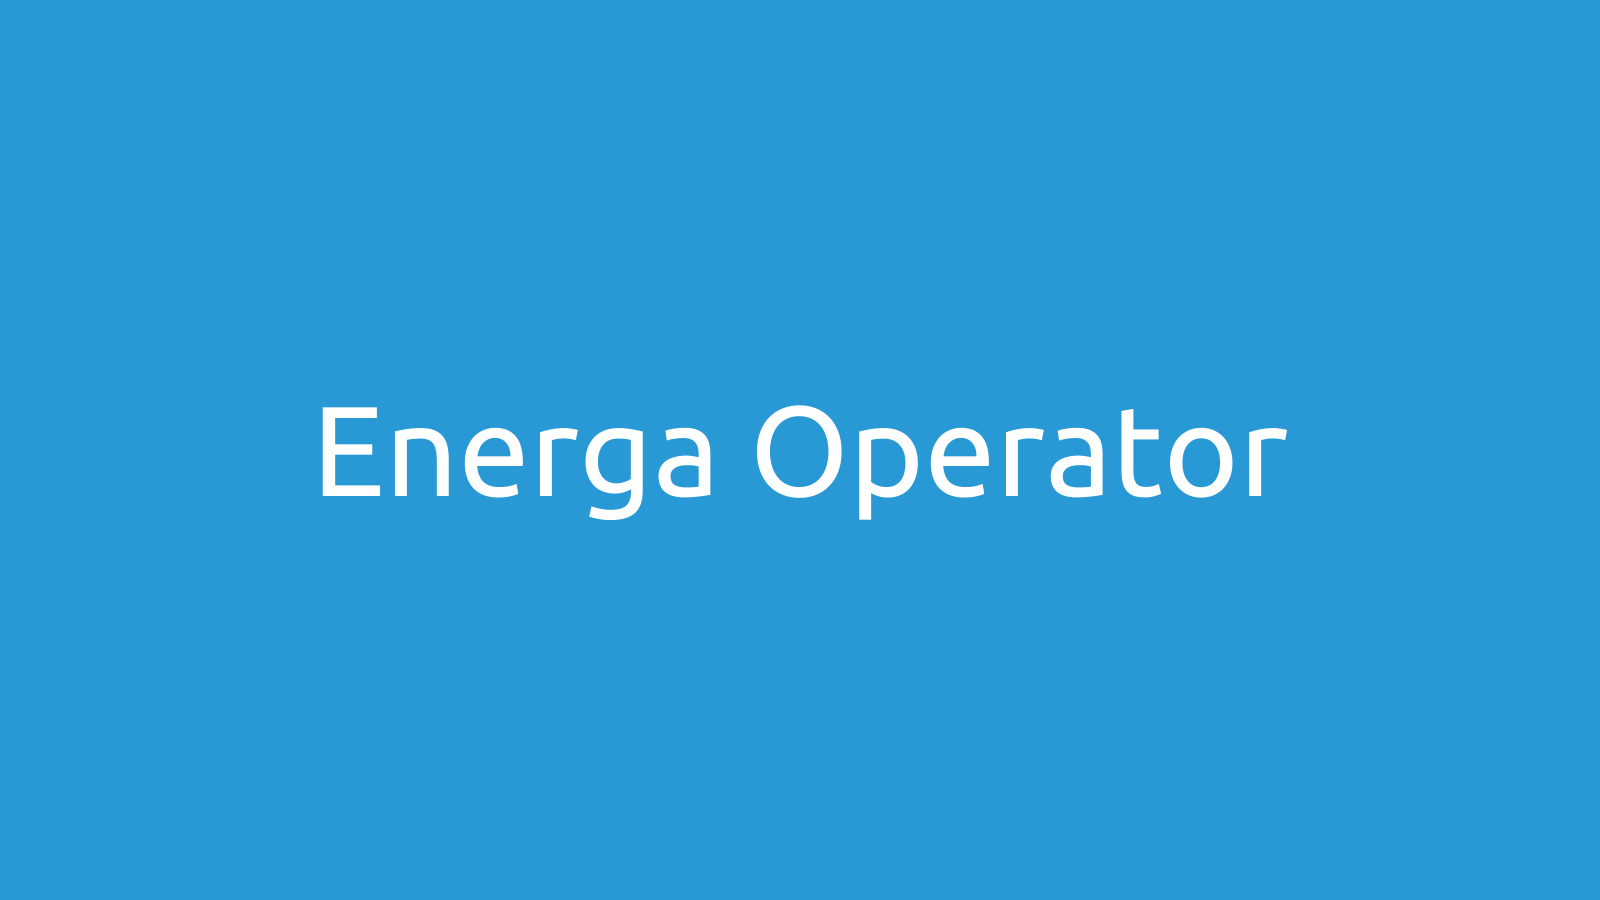 Energa Operator